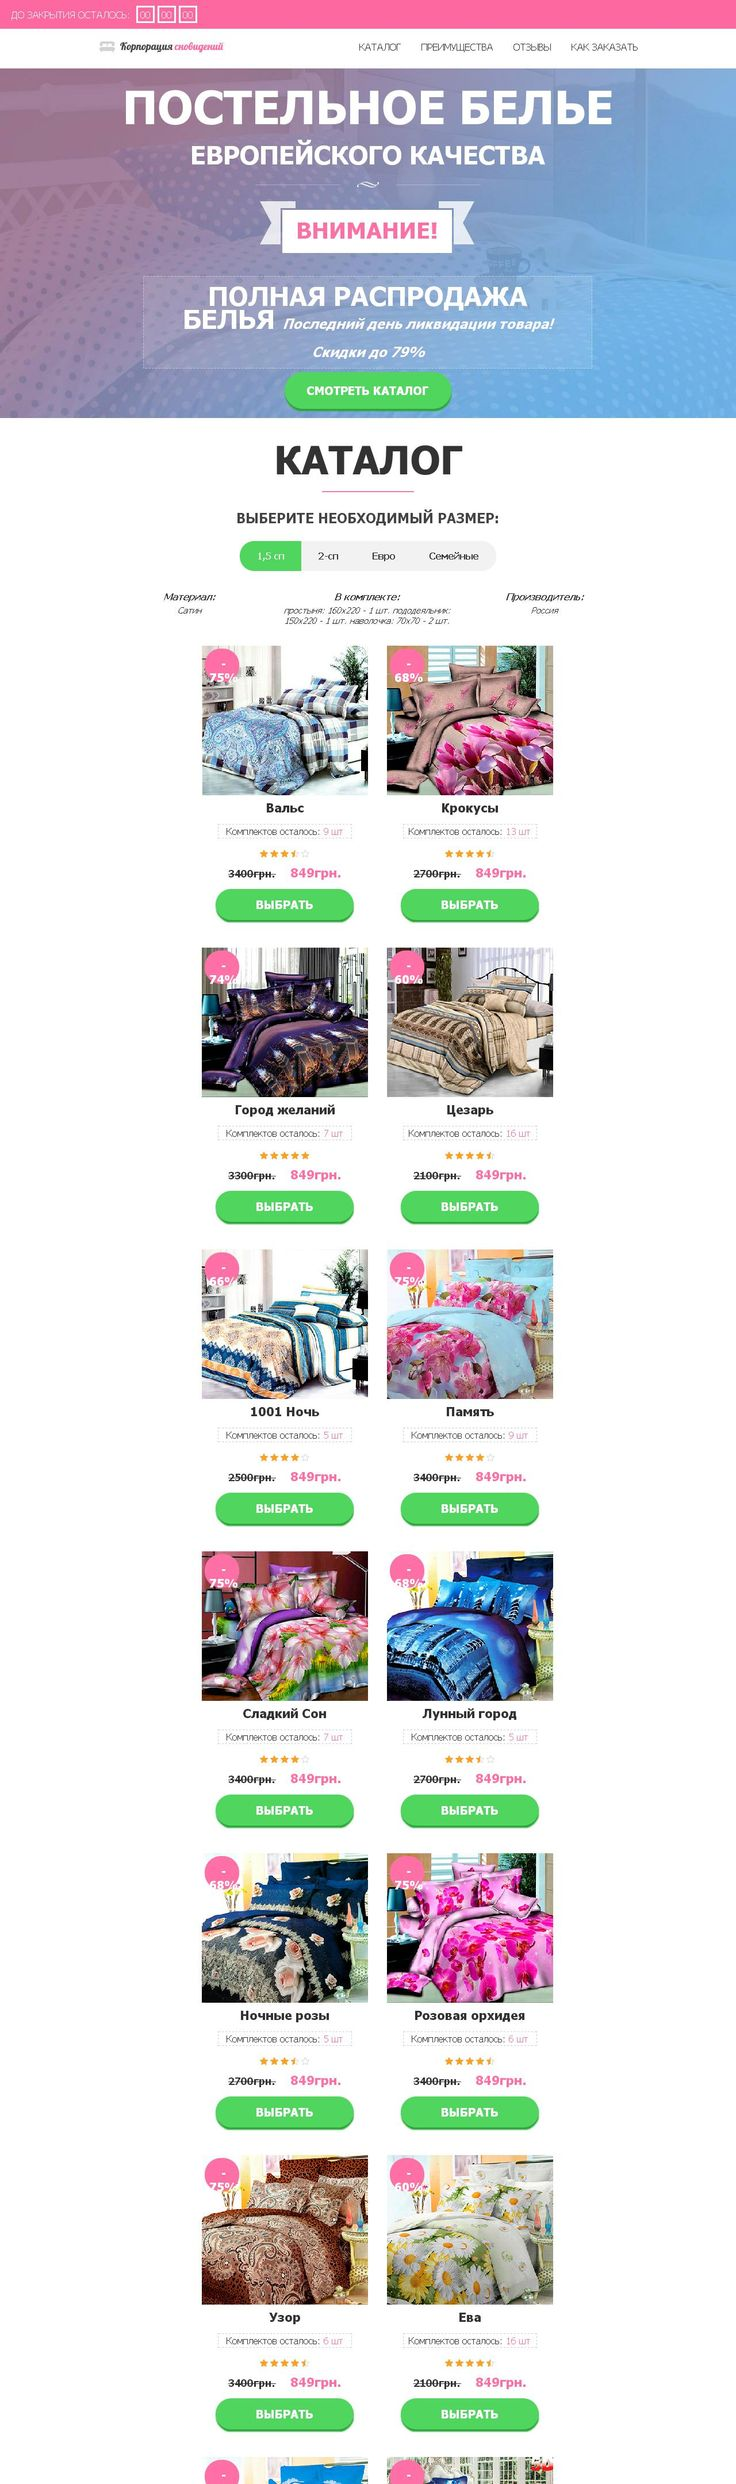 free sites to meet singlesUAHнет1001000Высокий45